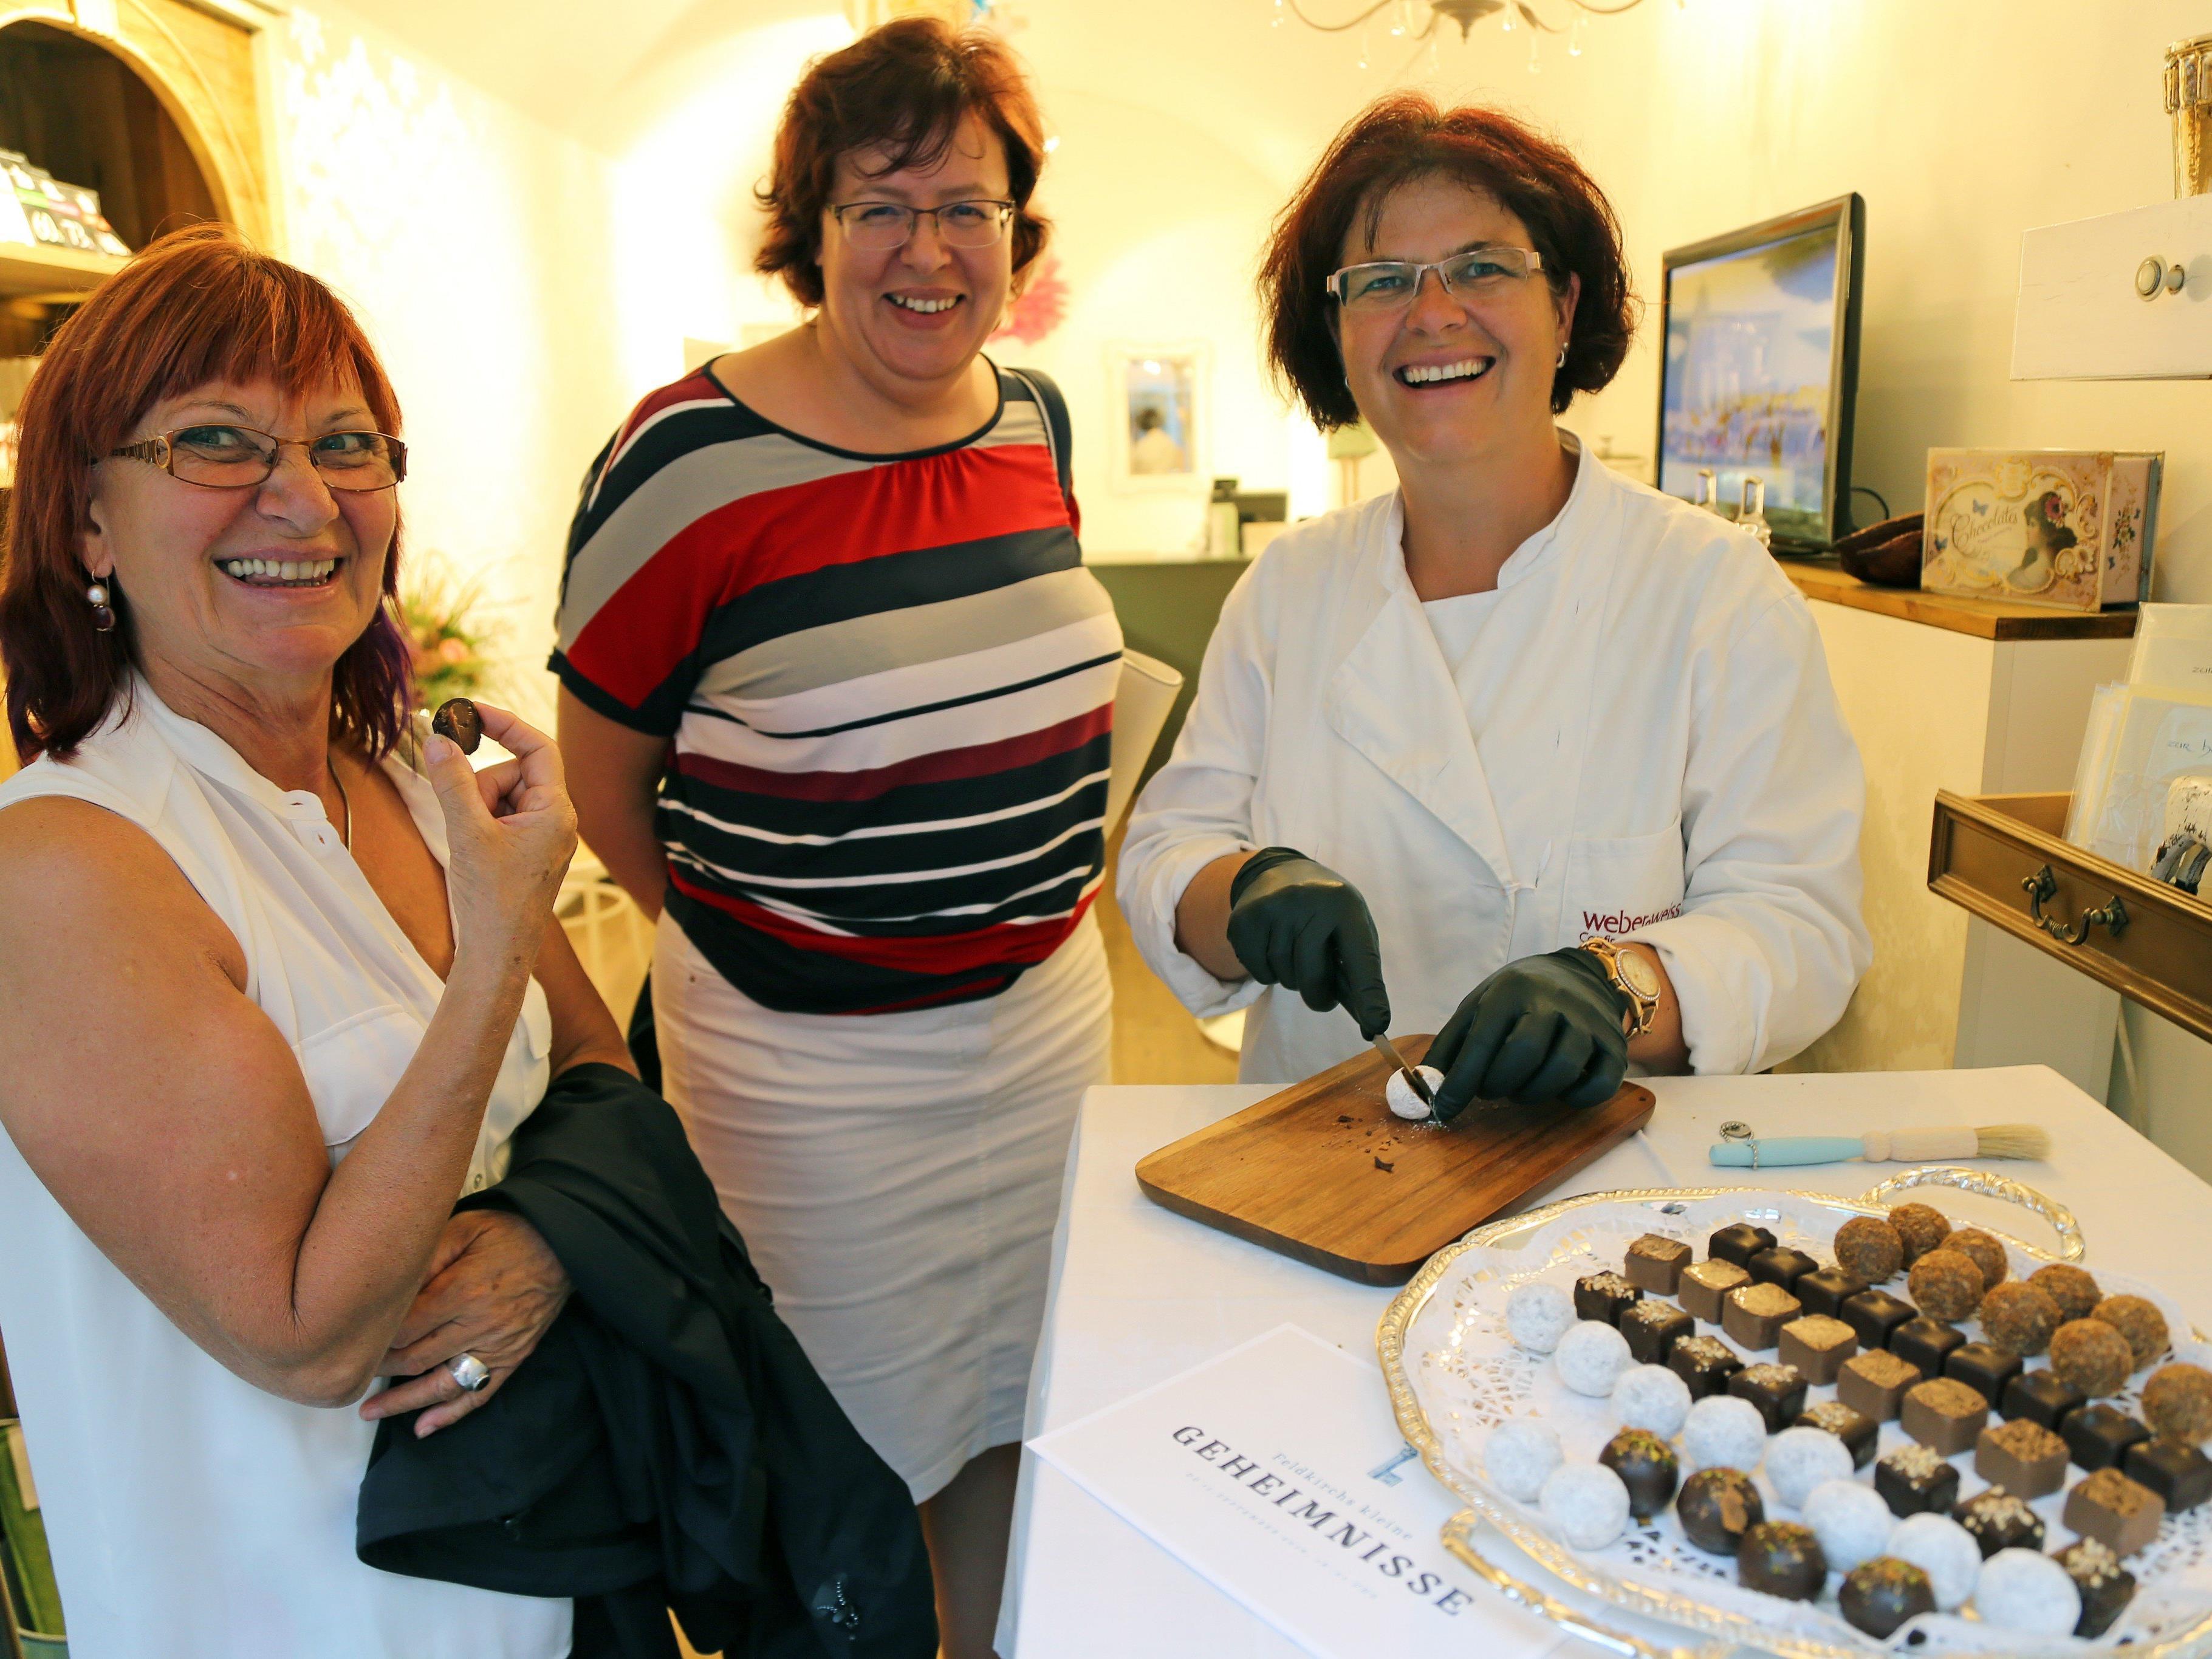 Barbara und Andrea kosteten eine Praline von Brigitte (Chocolaterie Zartbitter).